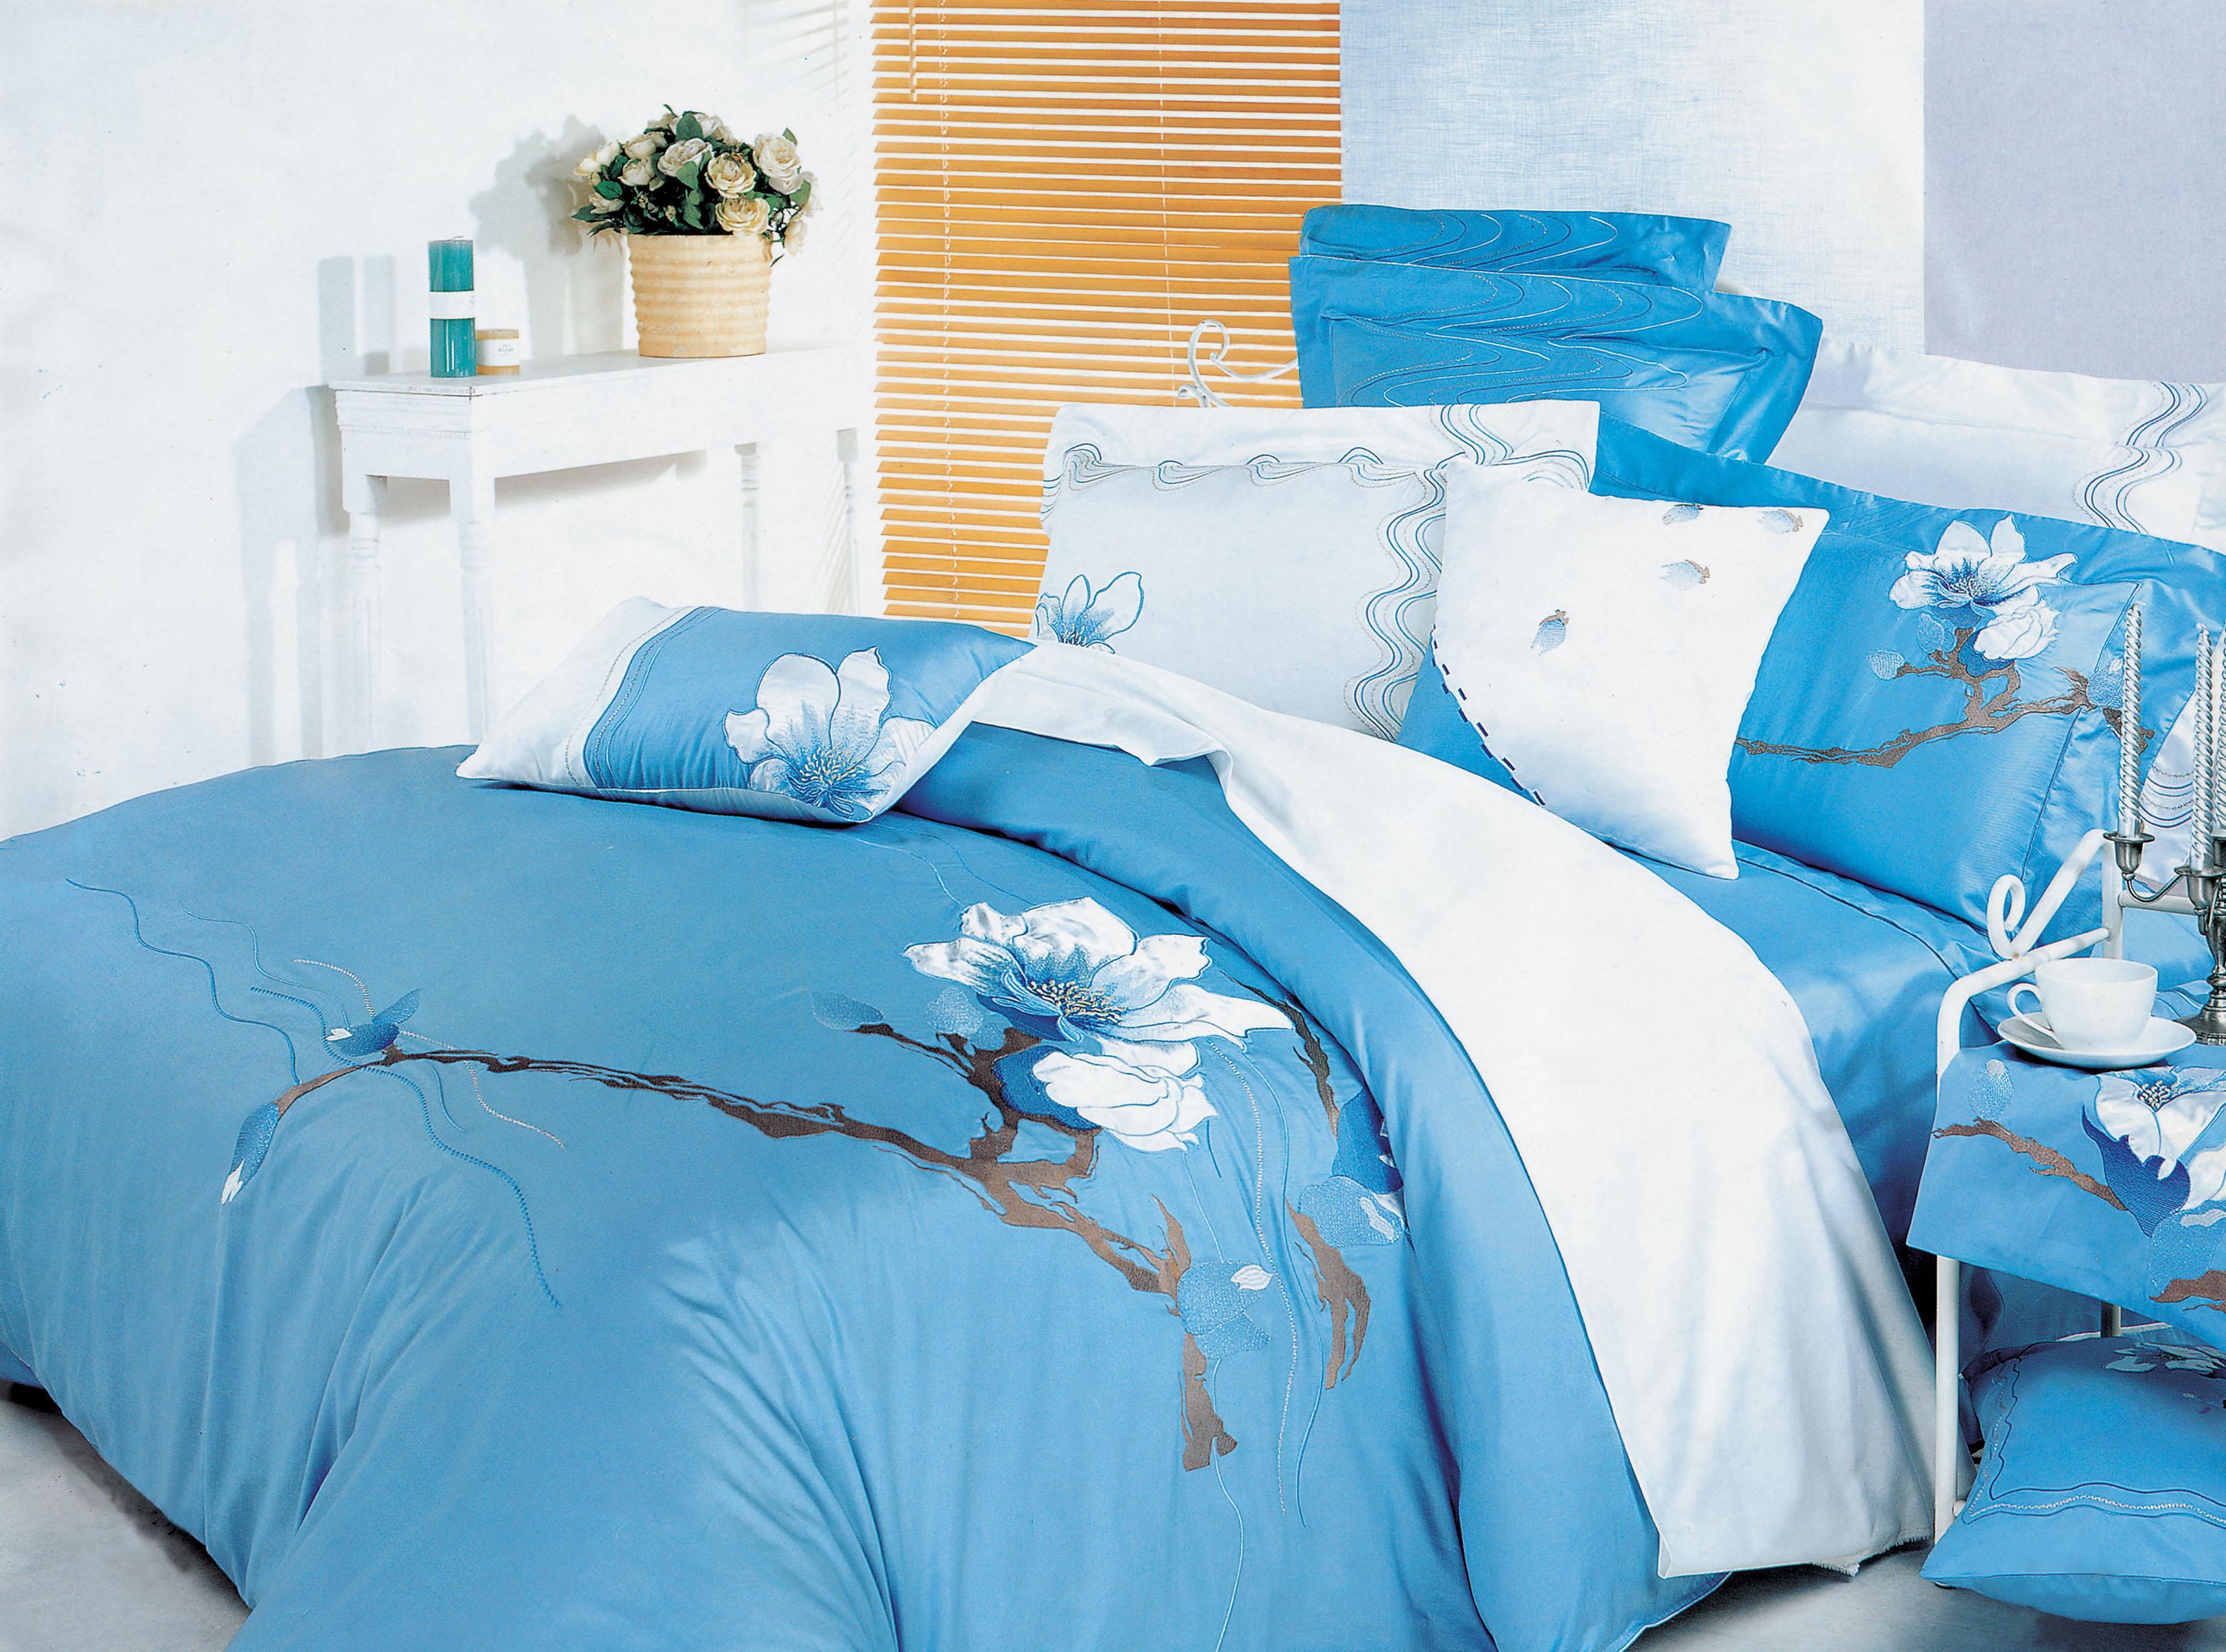 Купить Комплекты постельного белья СайлиД, Постельное белье Farica D-34 (2 сп. евро), Китай, Белый, Голубой, Синий, Хлопковый сатин